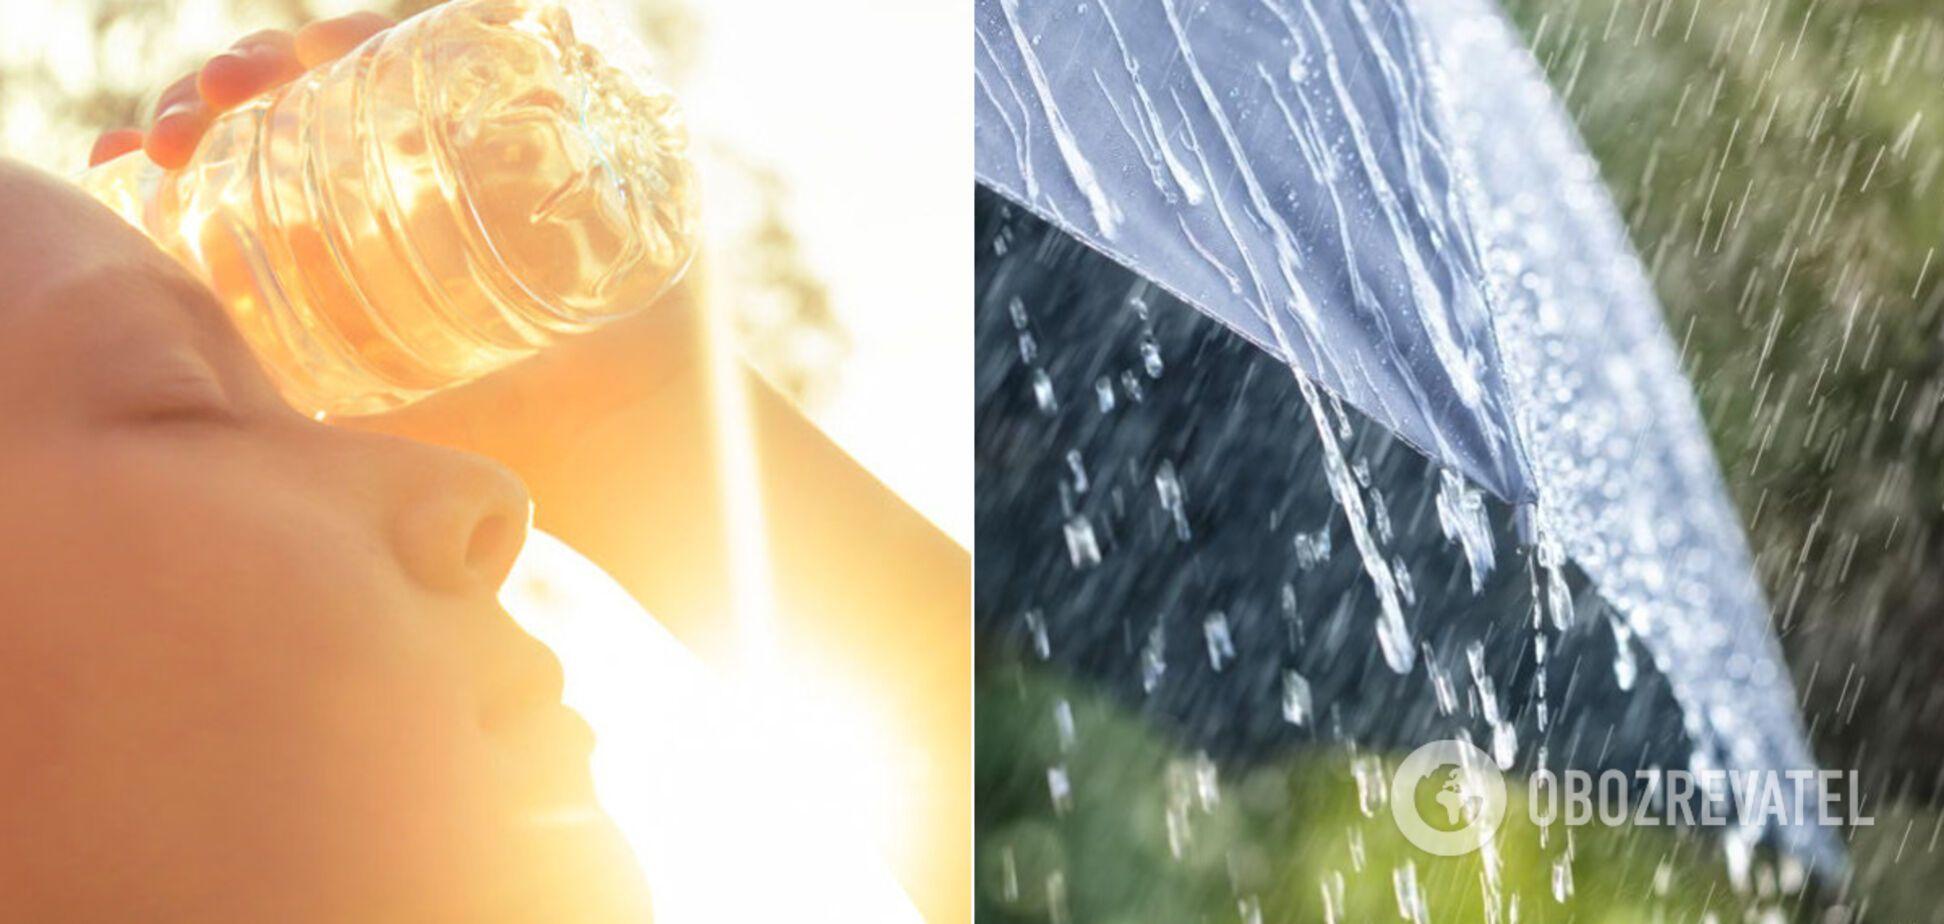 Синоптики рассказали, какой будет погода в июле: дожди будут меняться жарой